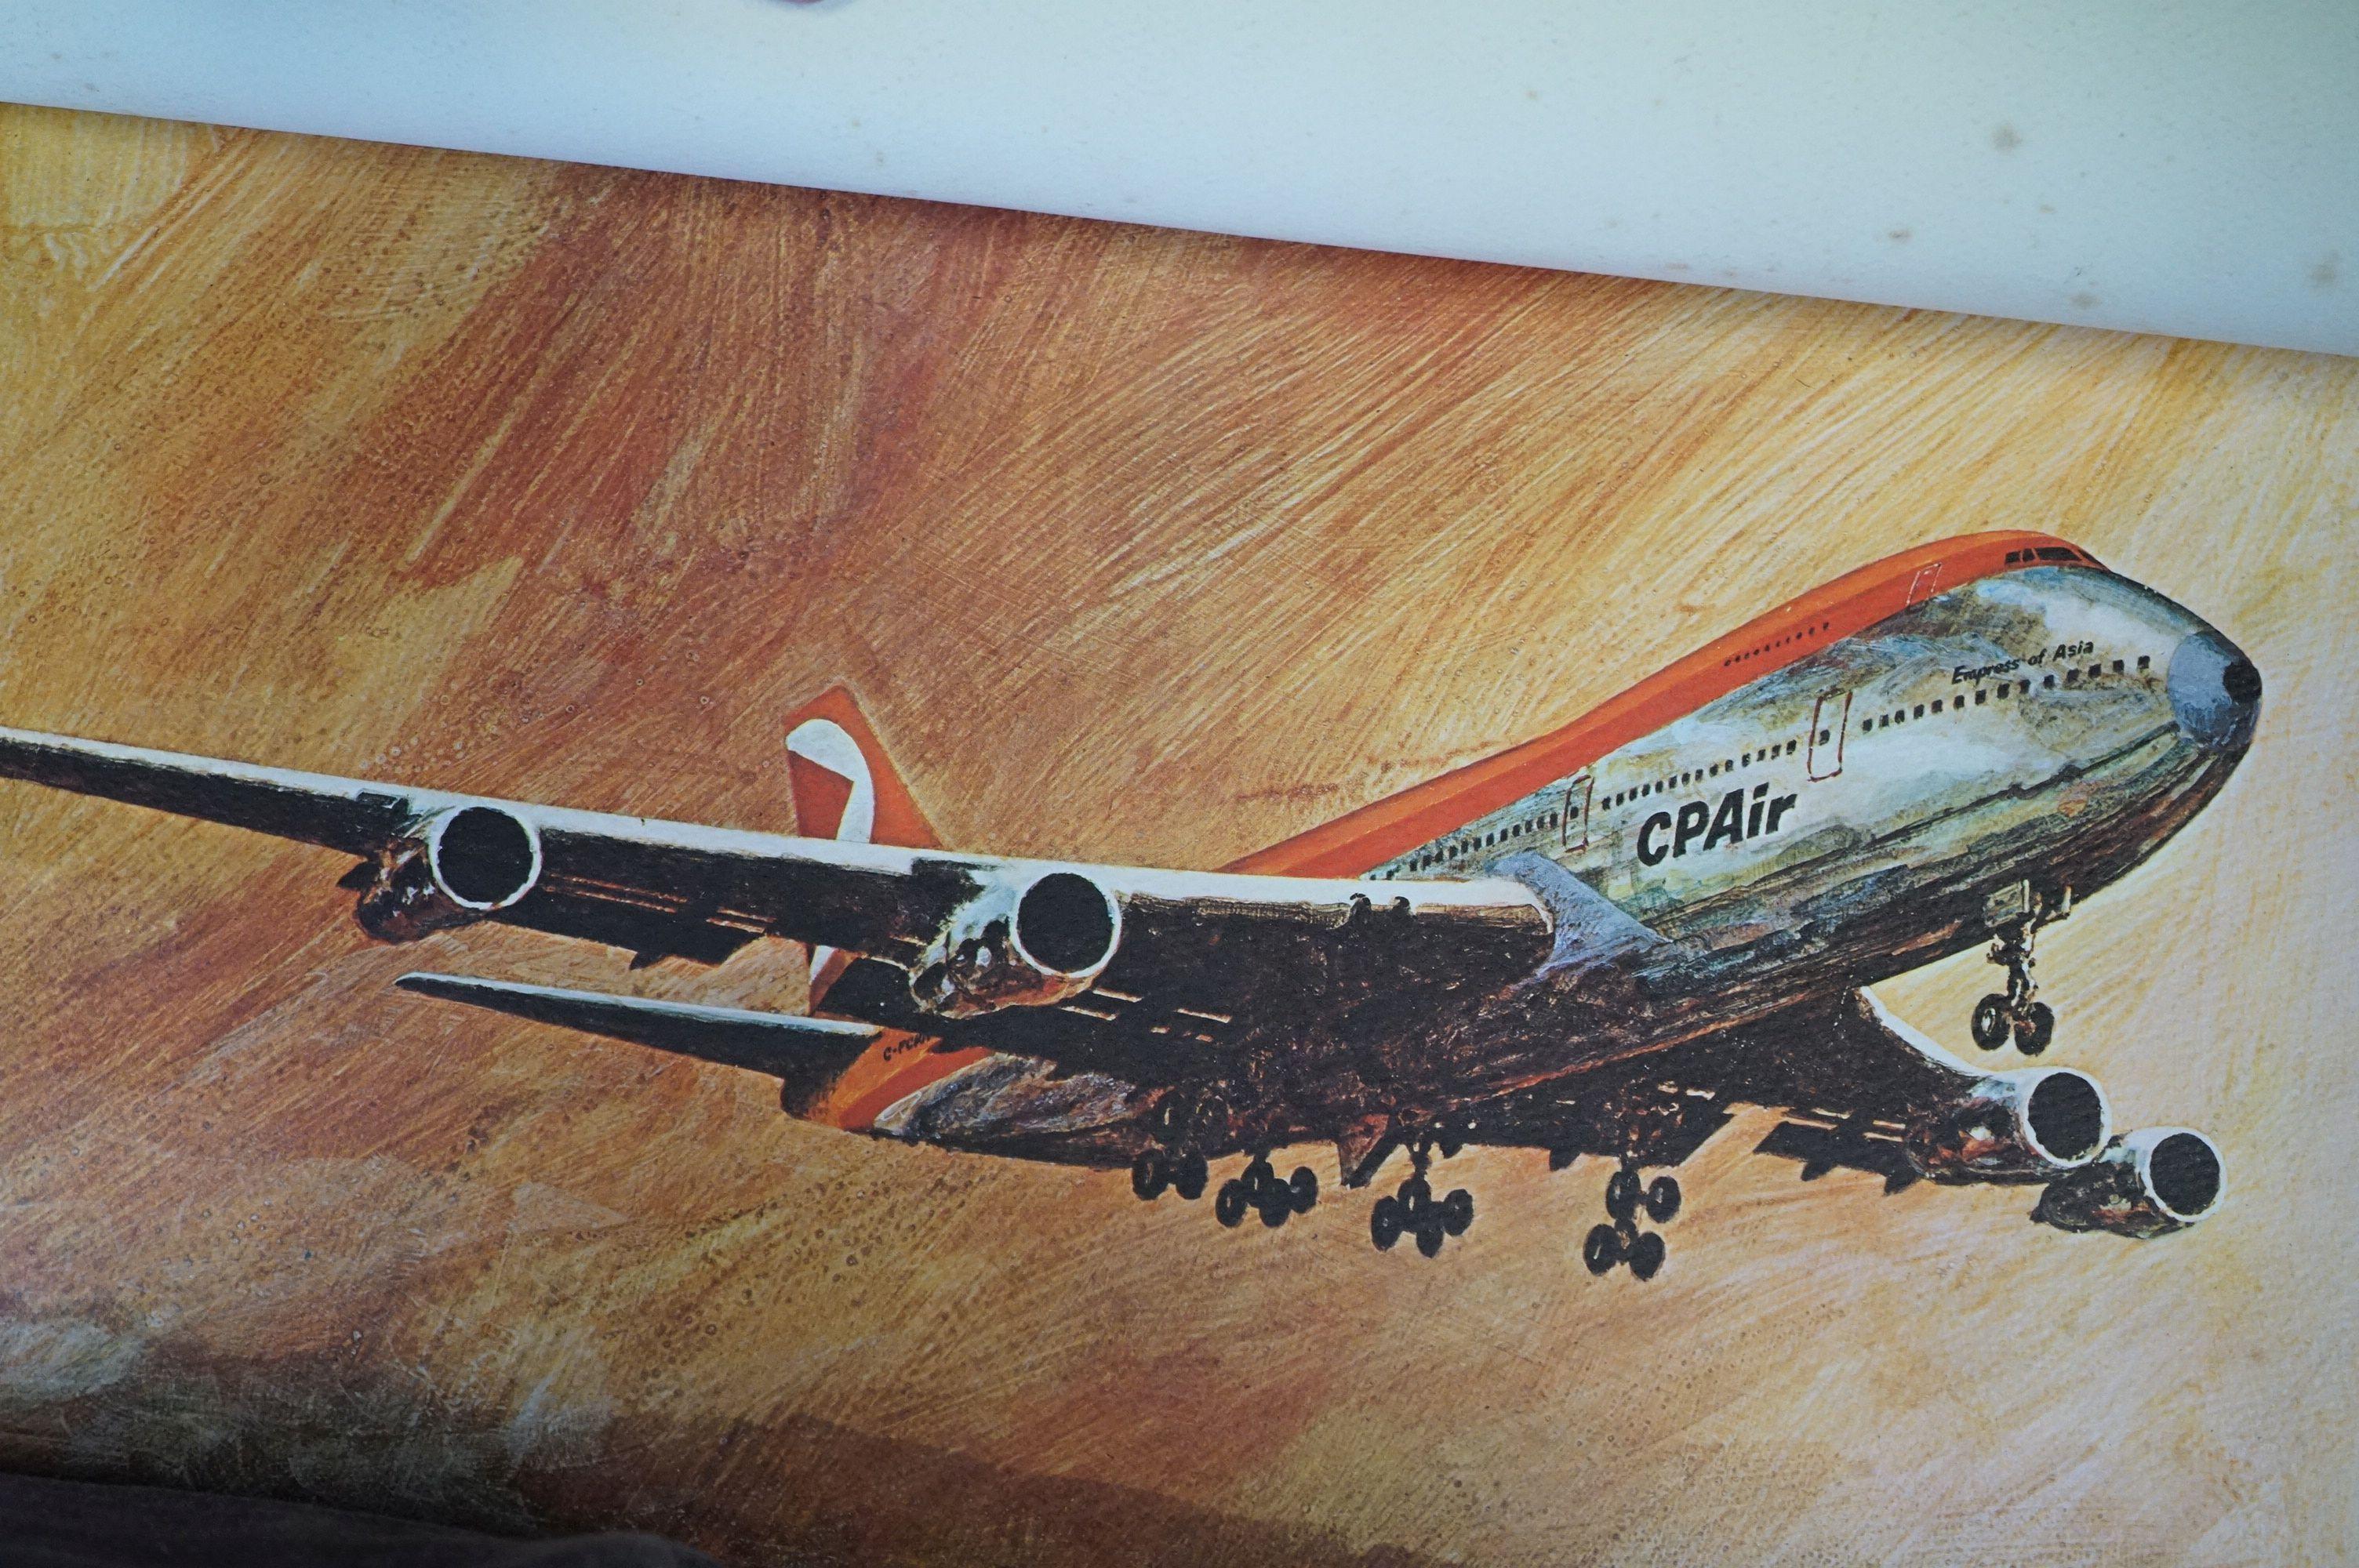 Set of Twelve Prints of CP Air Airplanes taken from paintings of West Coast Artist Robert Banks - Image 3 of 4